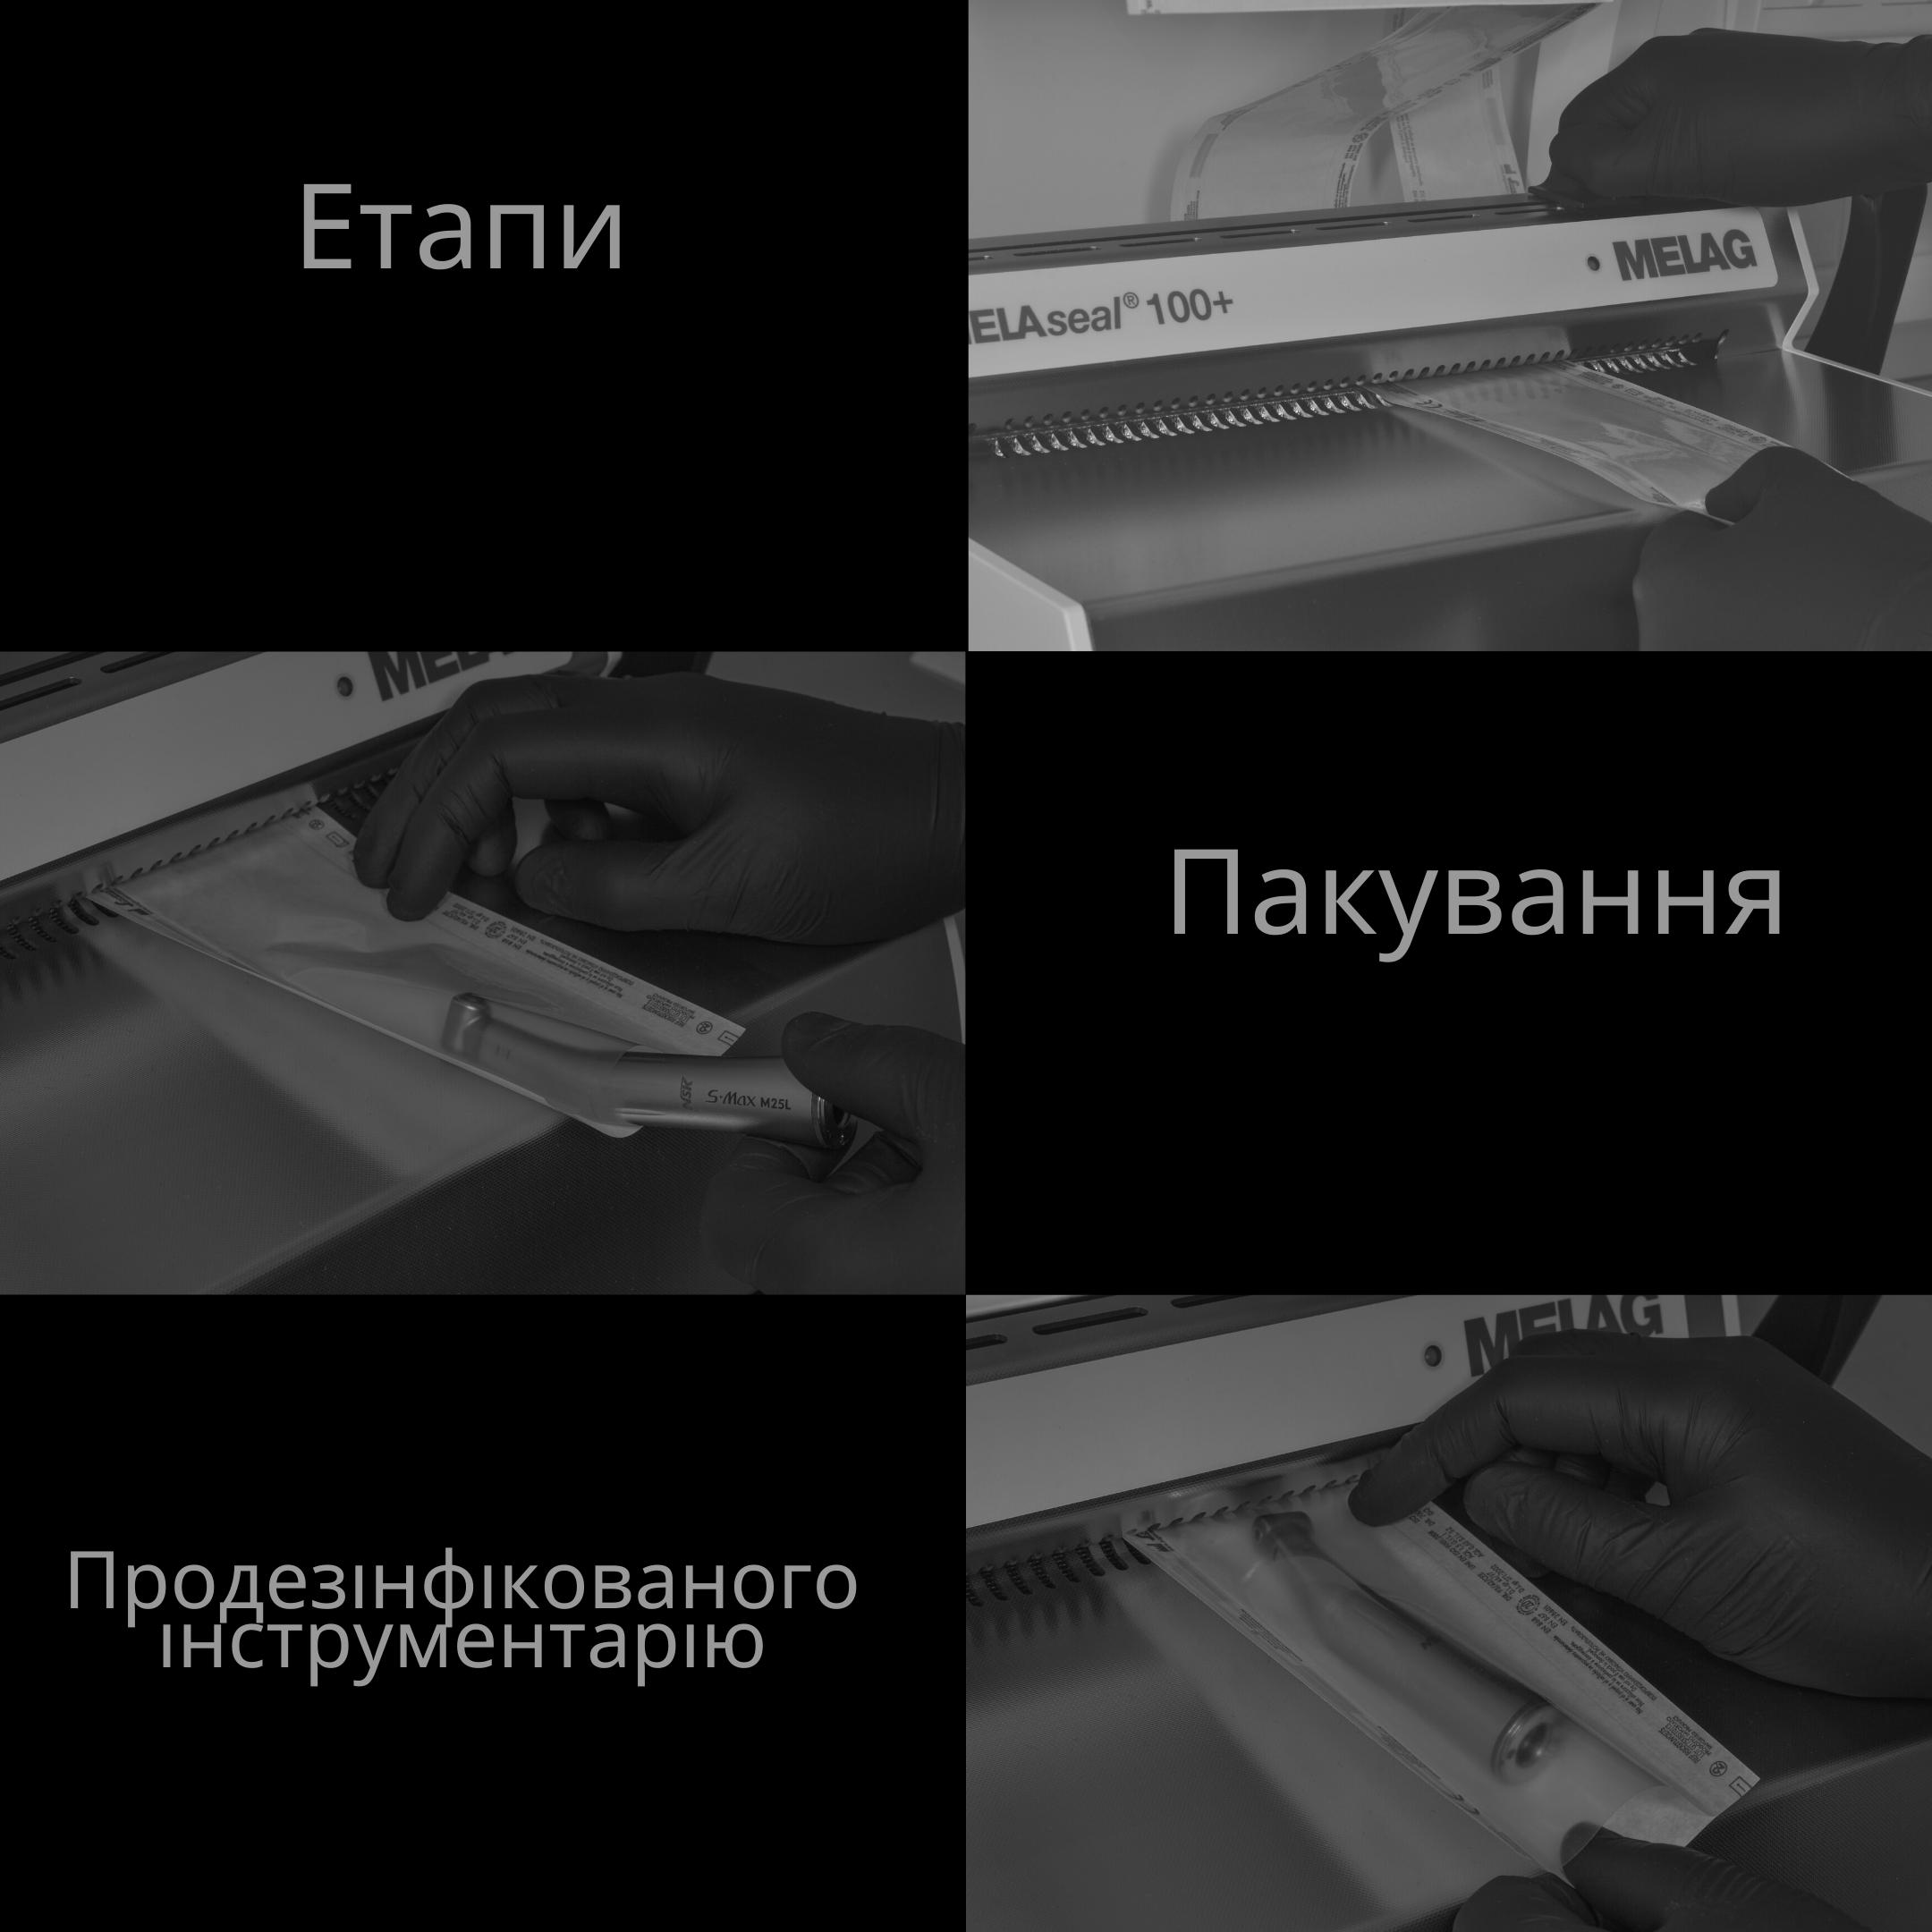 Стоматология Киев цены